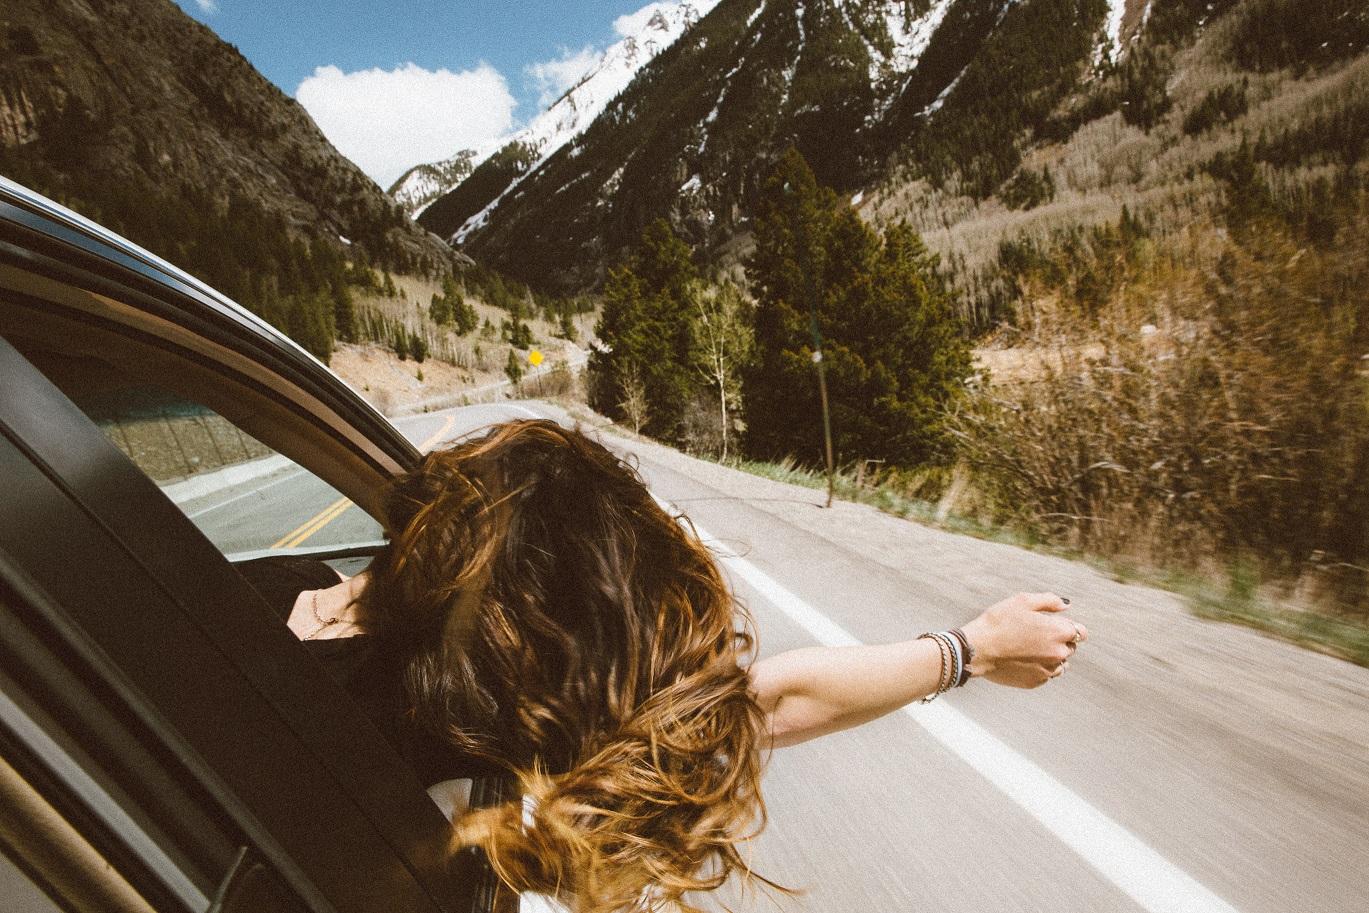 Inspire-se - Siga blogues e instagrams de viagens e fique a conhecer outras sugestões para as suas próximas férias.